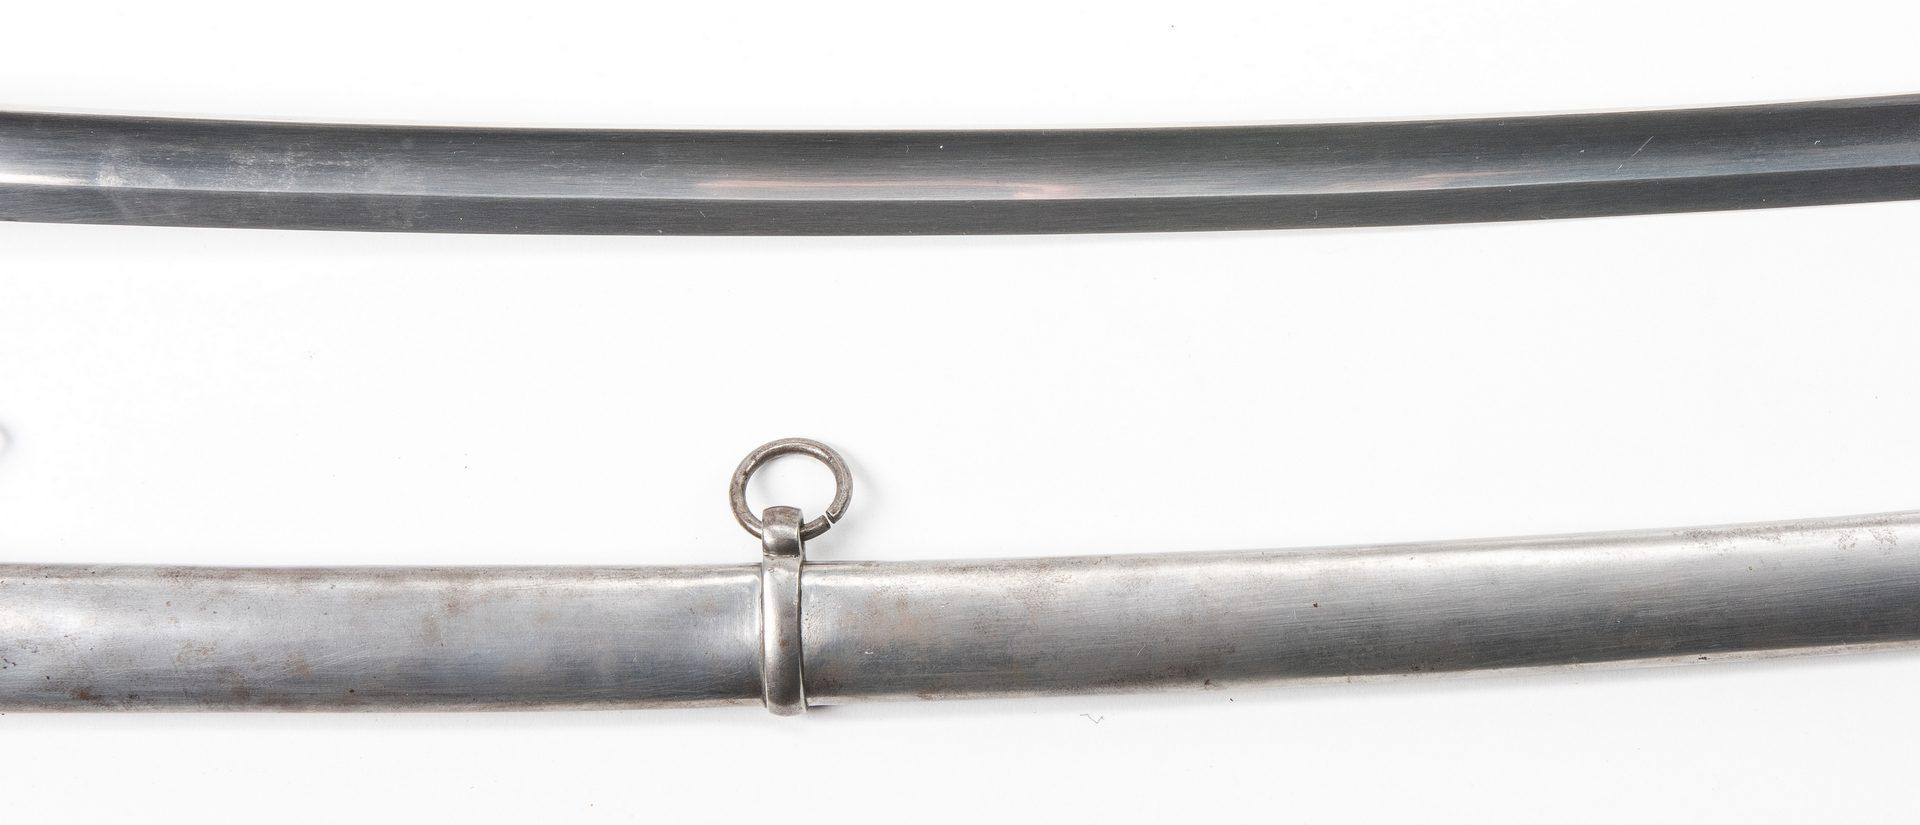 Lot 528: Civil War W. Clauber Model 1840 Sword w/ Scabbard